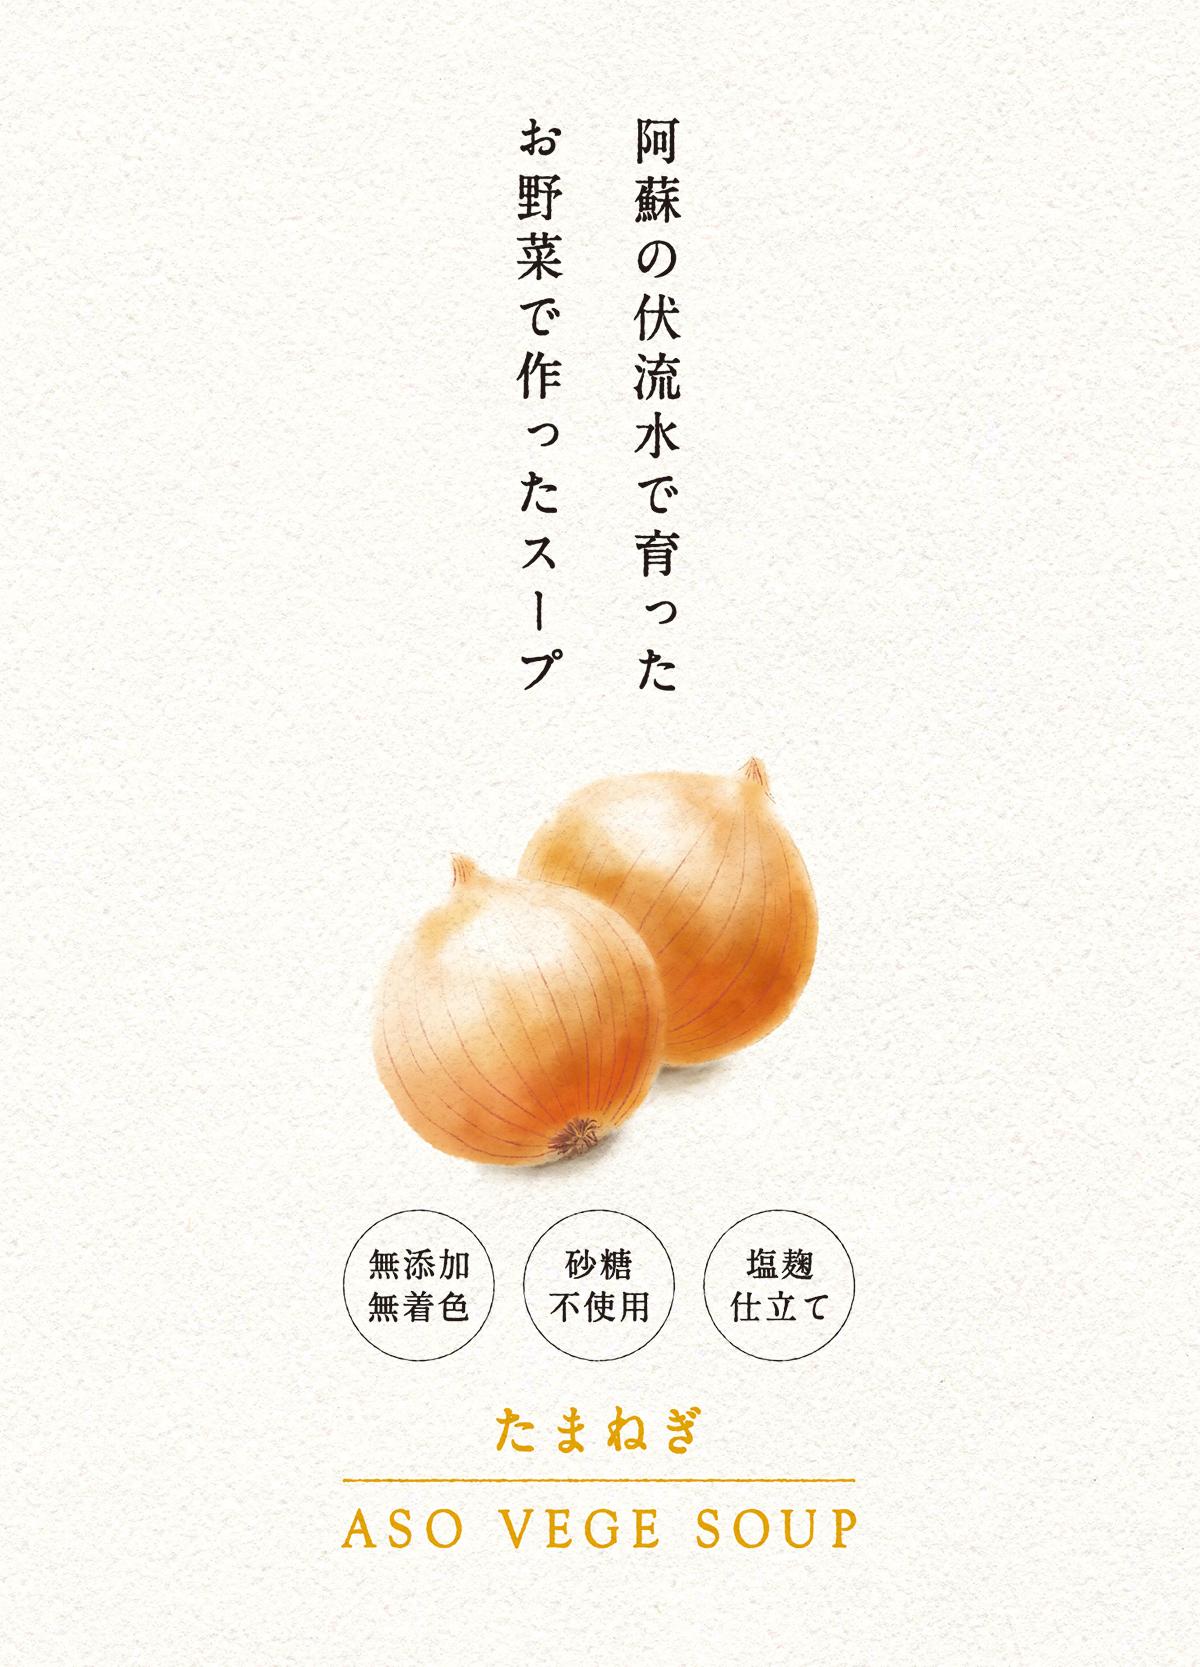 にんじんスープパッケージ